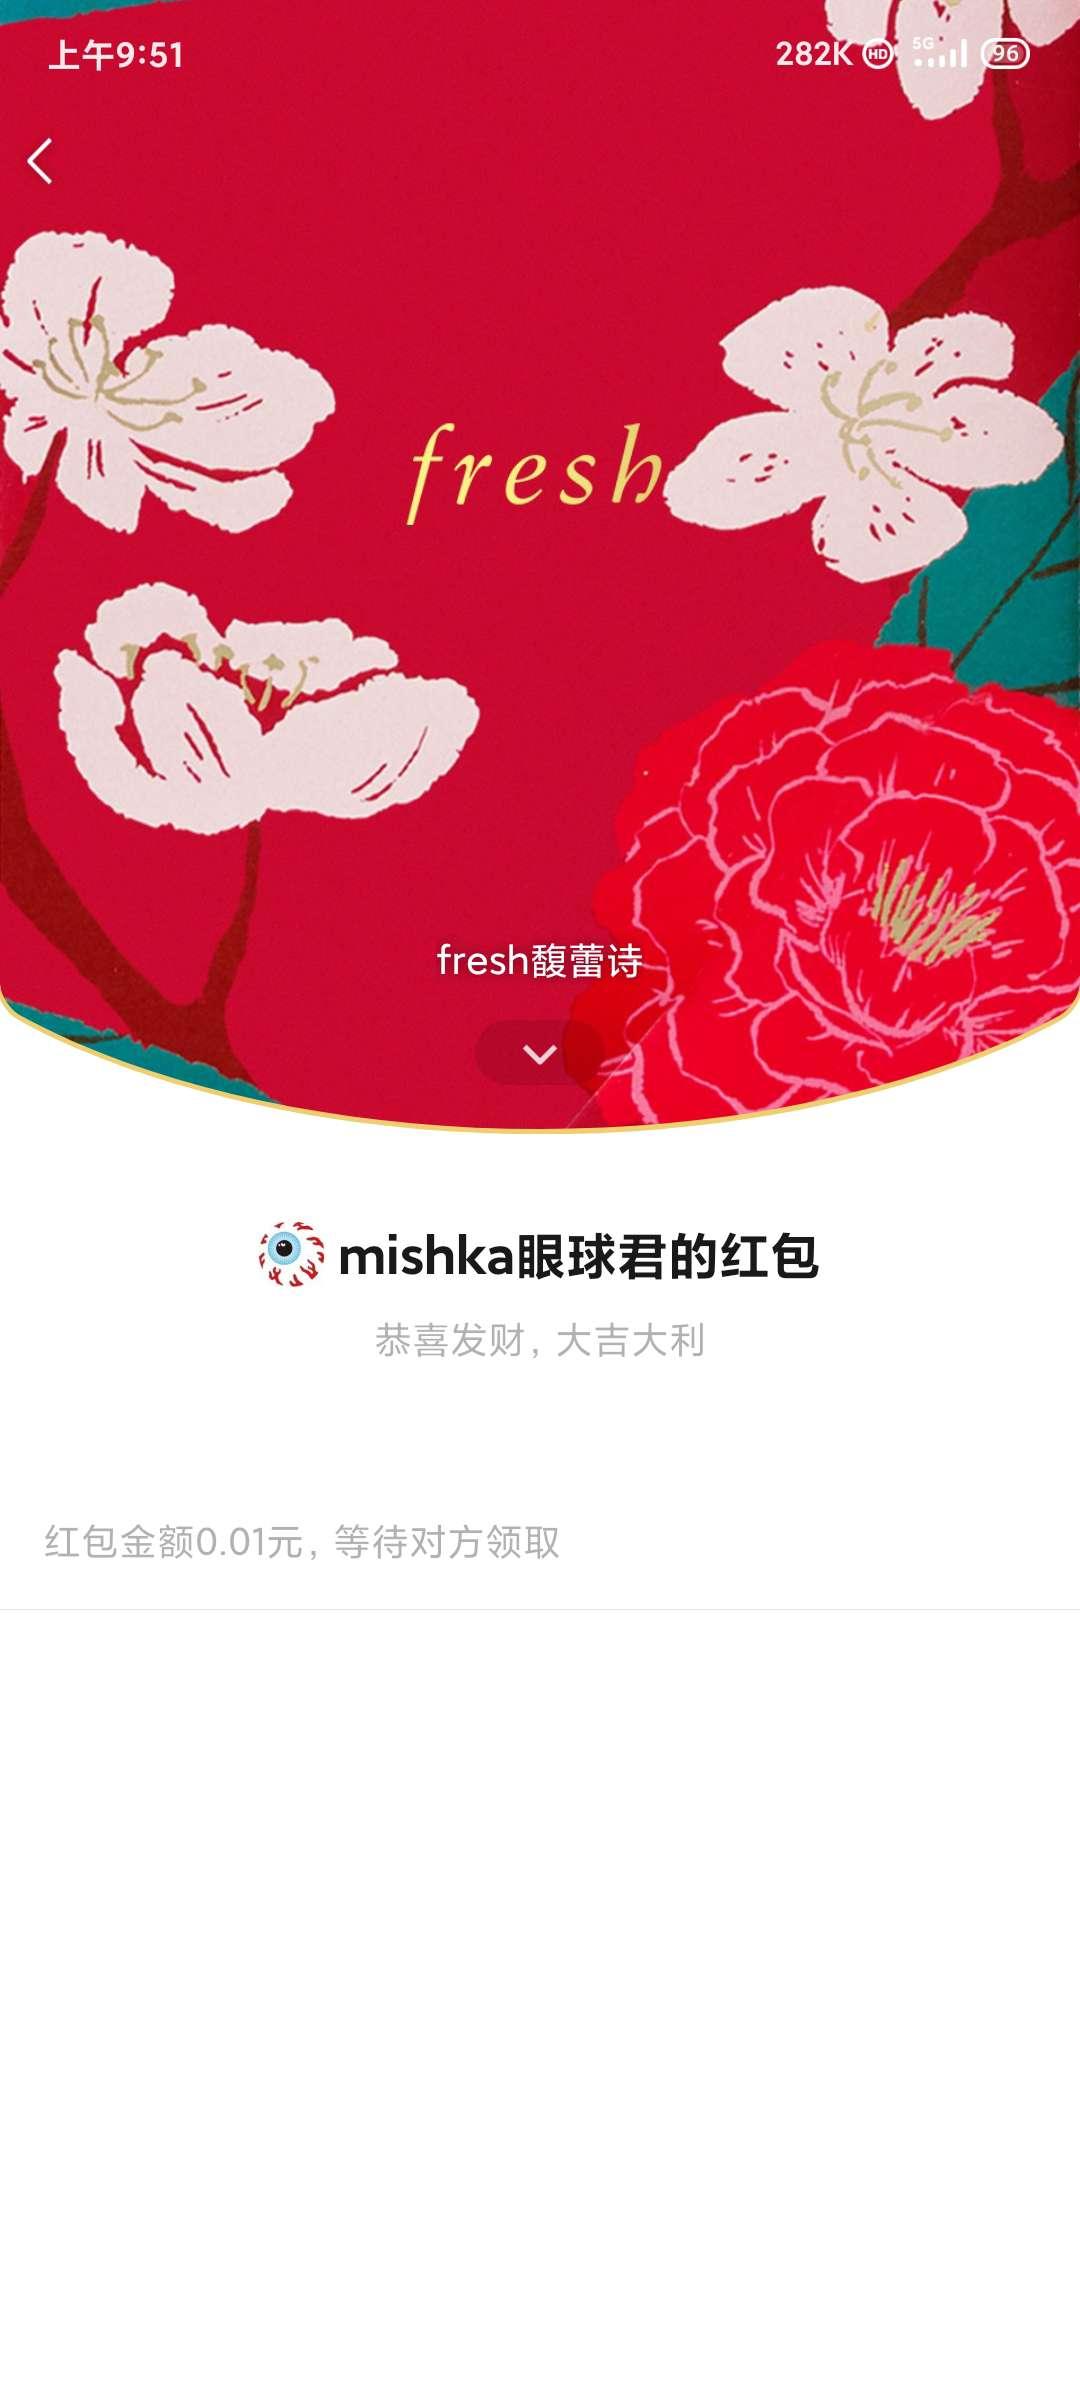 fresh馥蕾诗领王源微信红包封面插图3